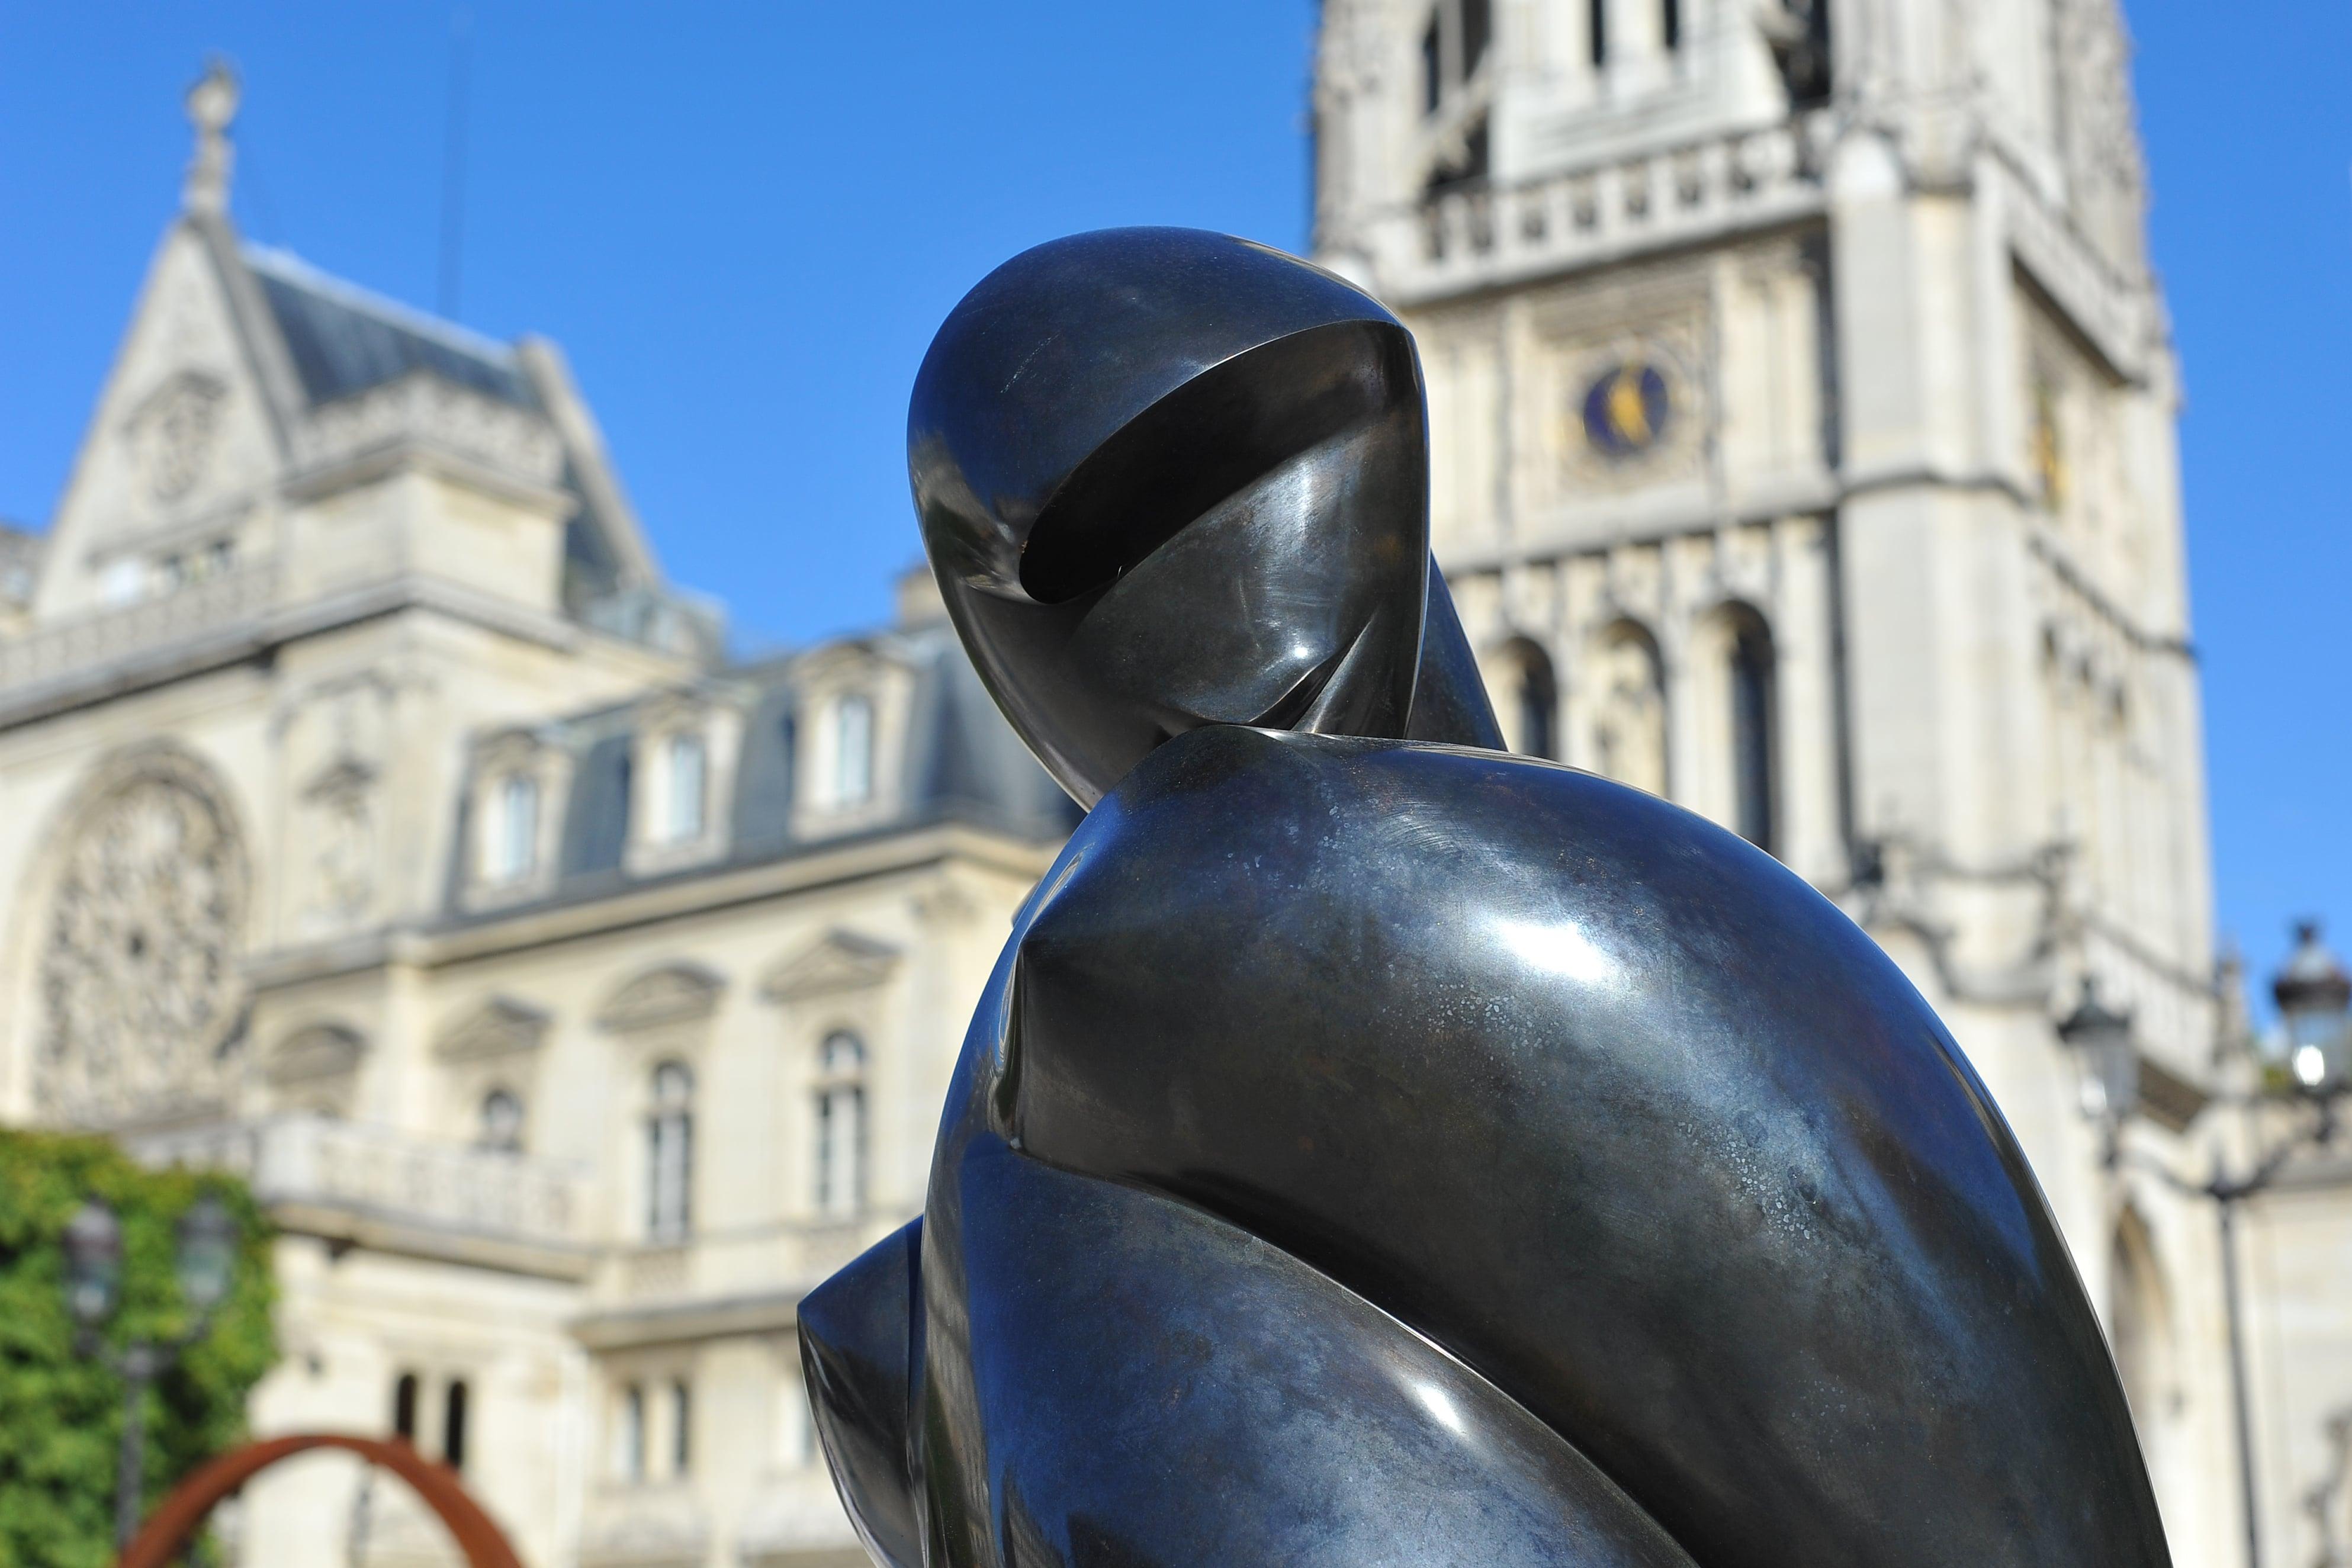 Polles-louvre-sculptures-exhibition